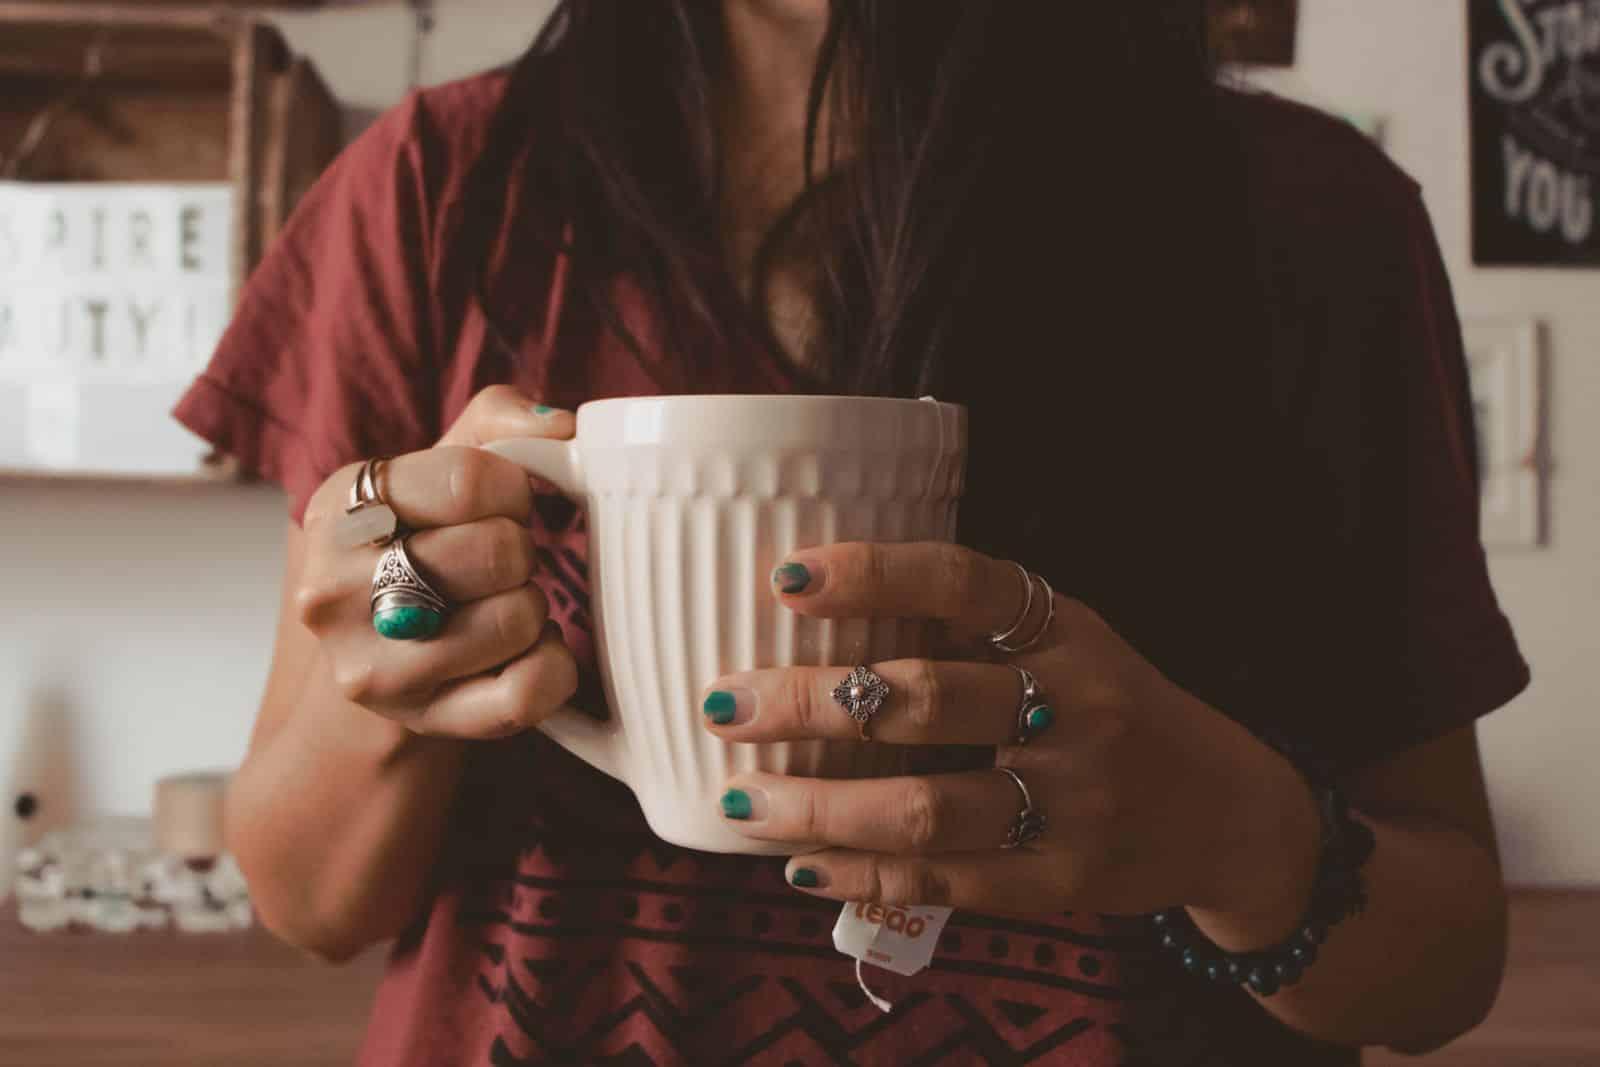 beneficios do cha de camomila para a saude e bem estar 4 - Beneficios del té de manzanilla para la salud y el bienestar